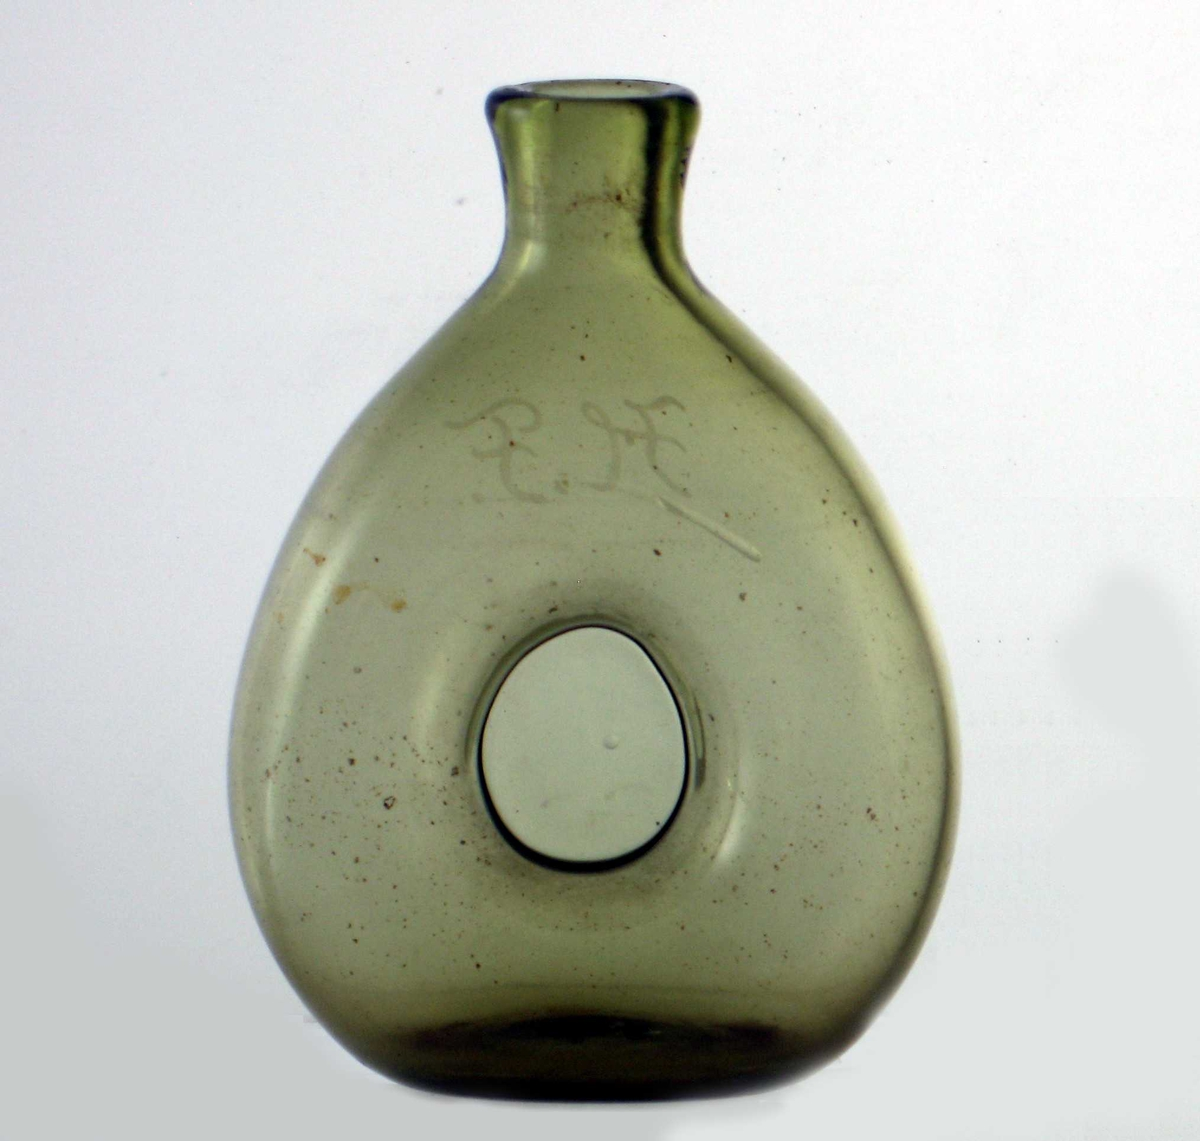 Karaffel av grønt glass.   Litt bred lerkeform med dråpeformet lukning  pm. Bokstavene i flussgravyr på halsen.  Flasken er blåst,